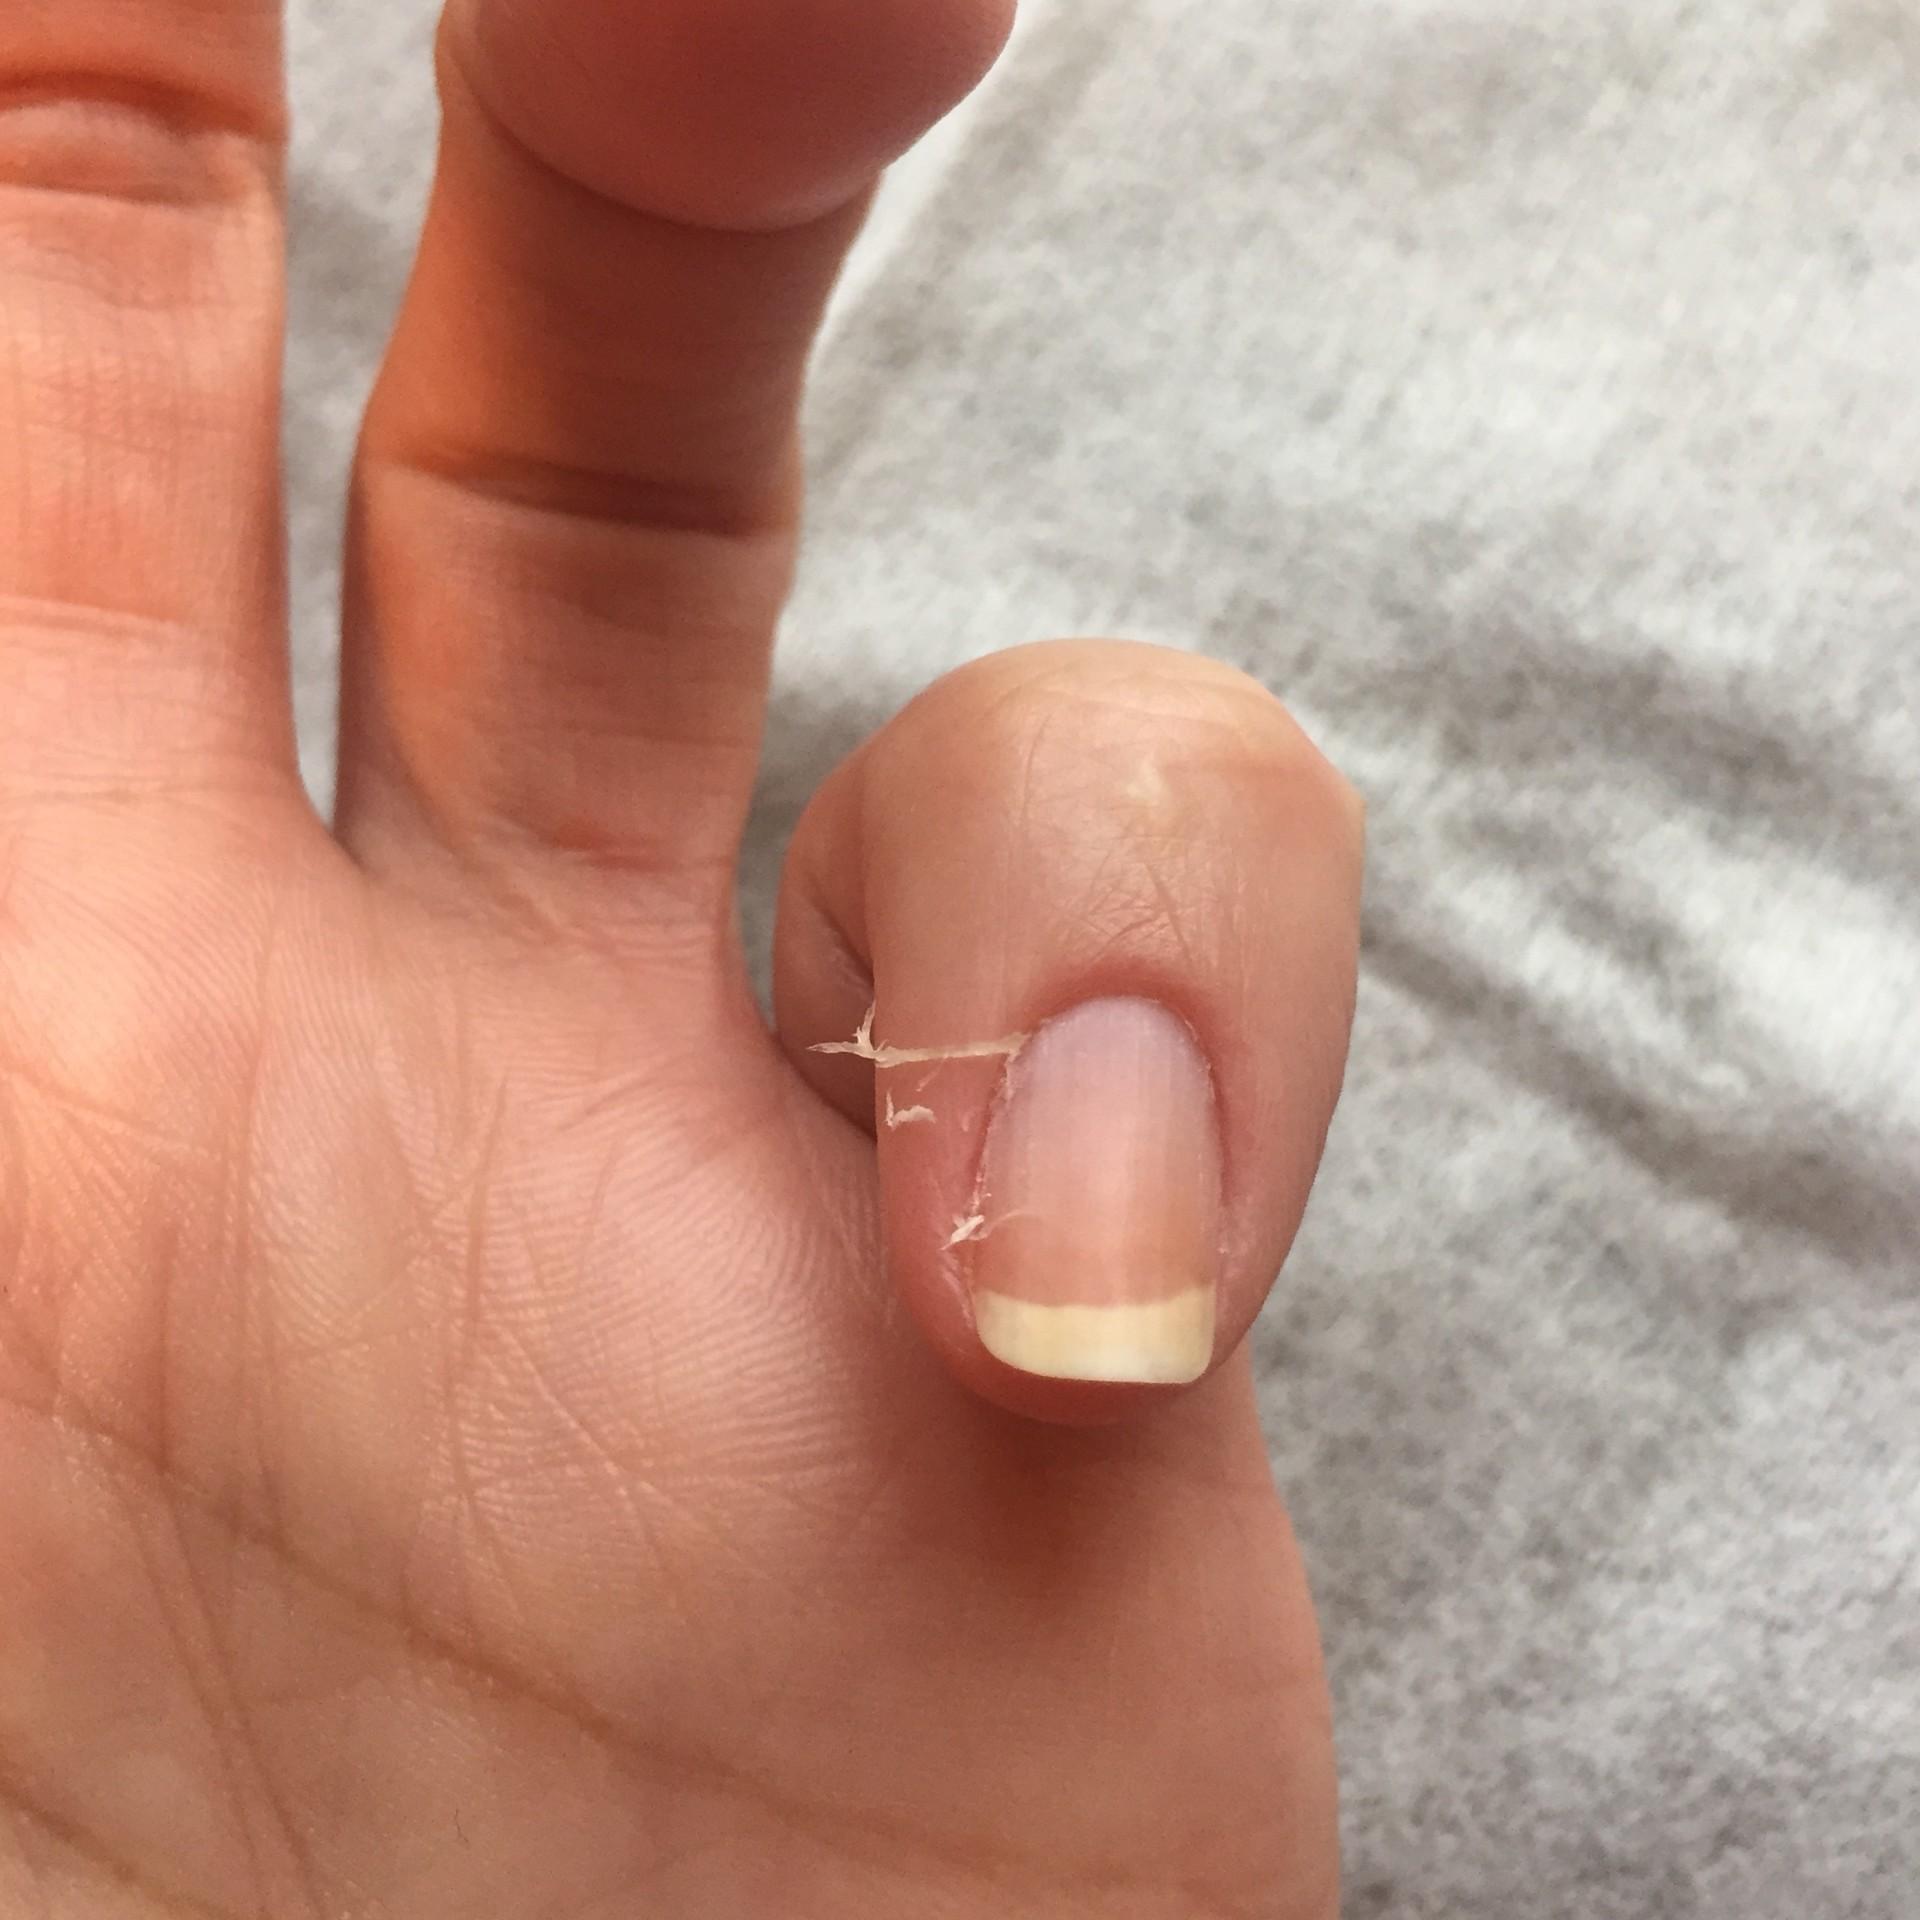 Маникюр на обрезанных ногтях